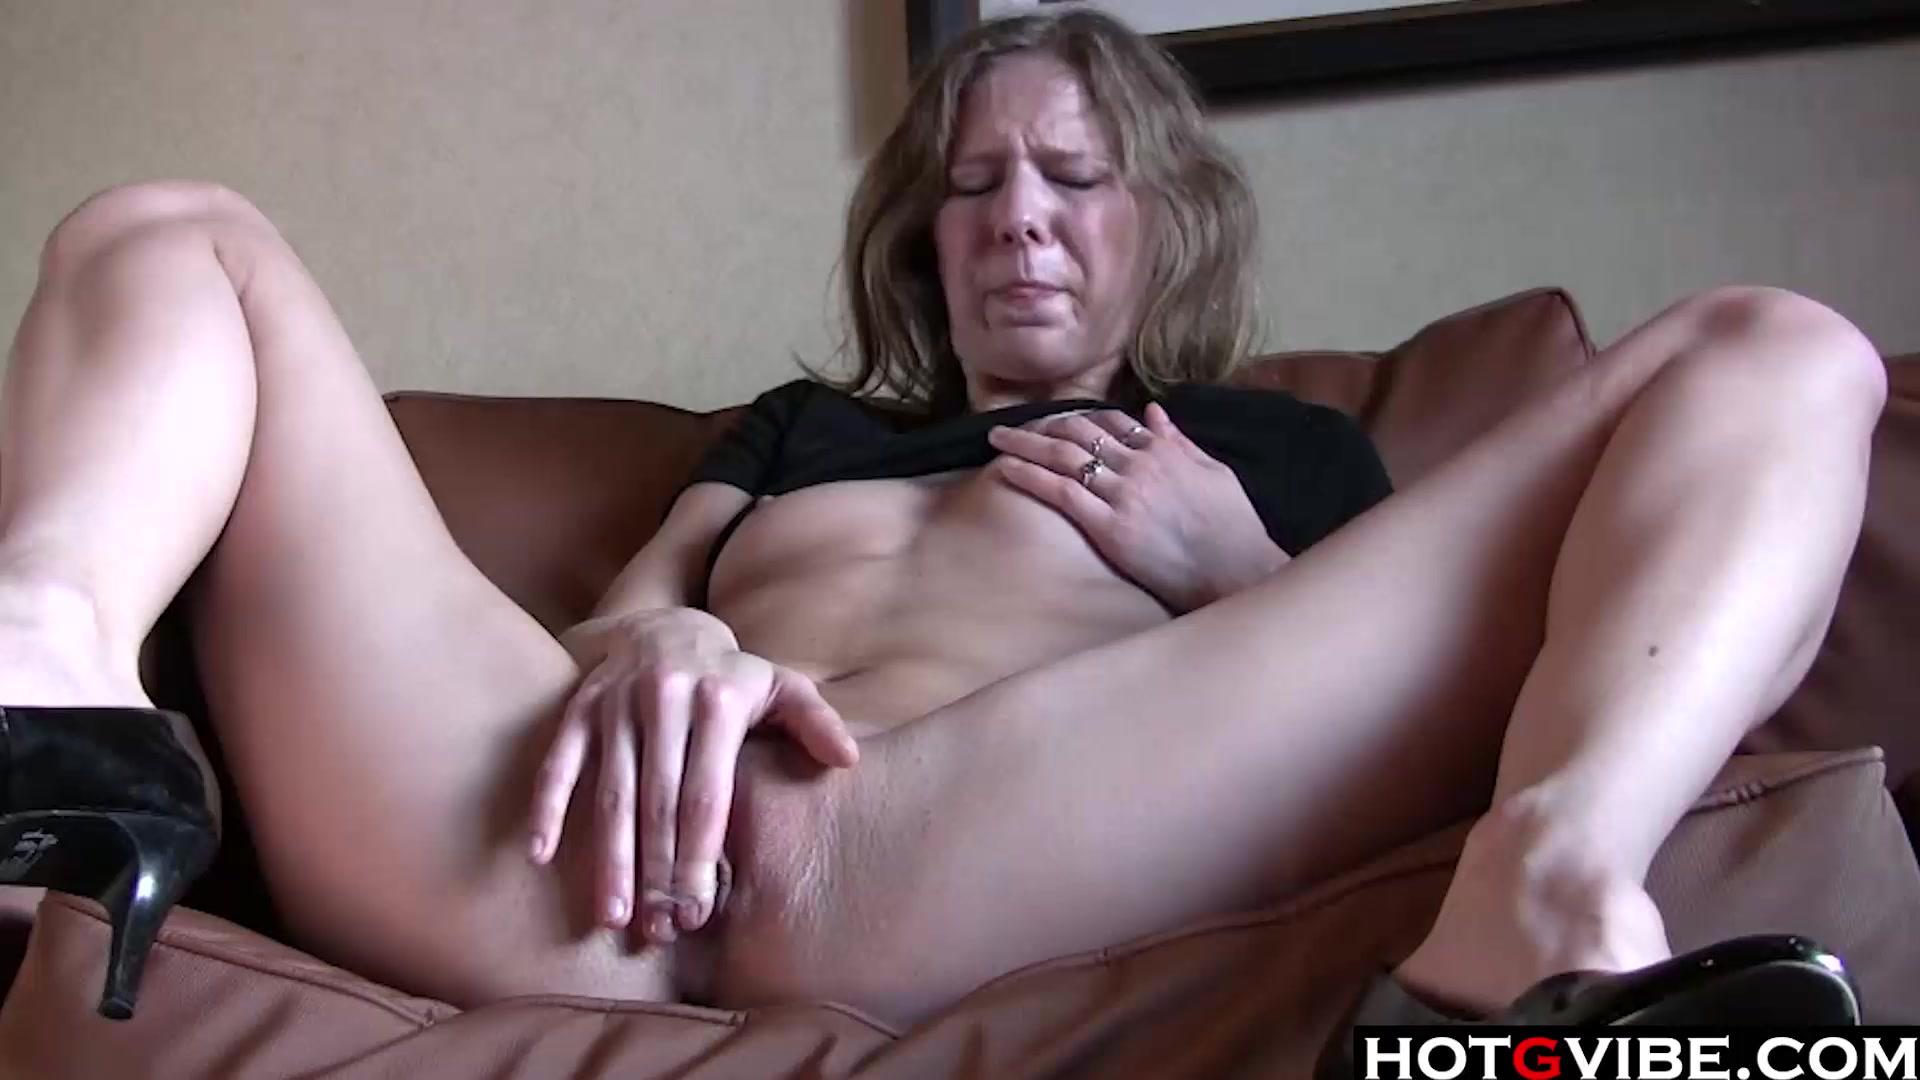 Slim blondie rubbing her pussy __  __  __  __